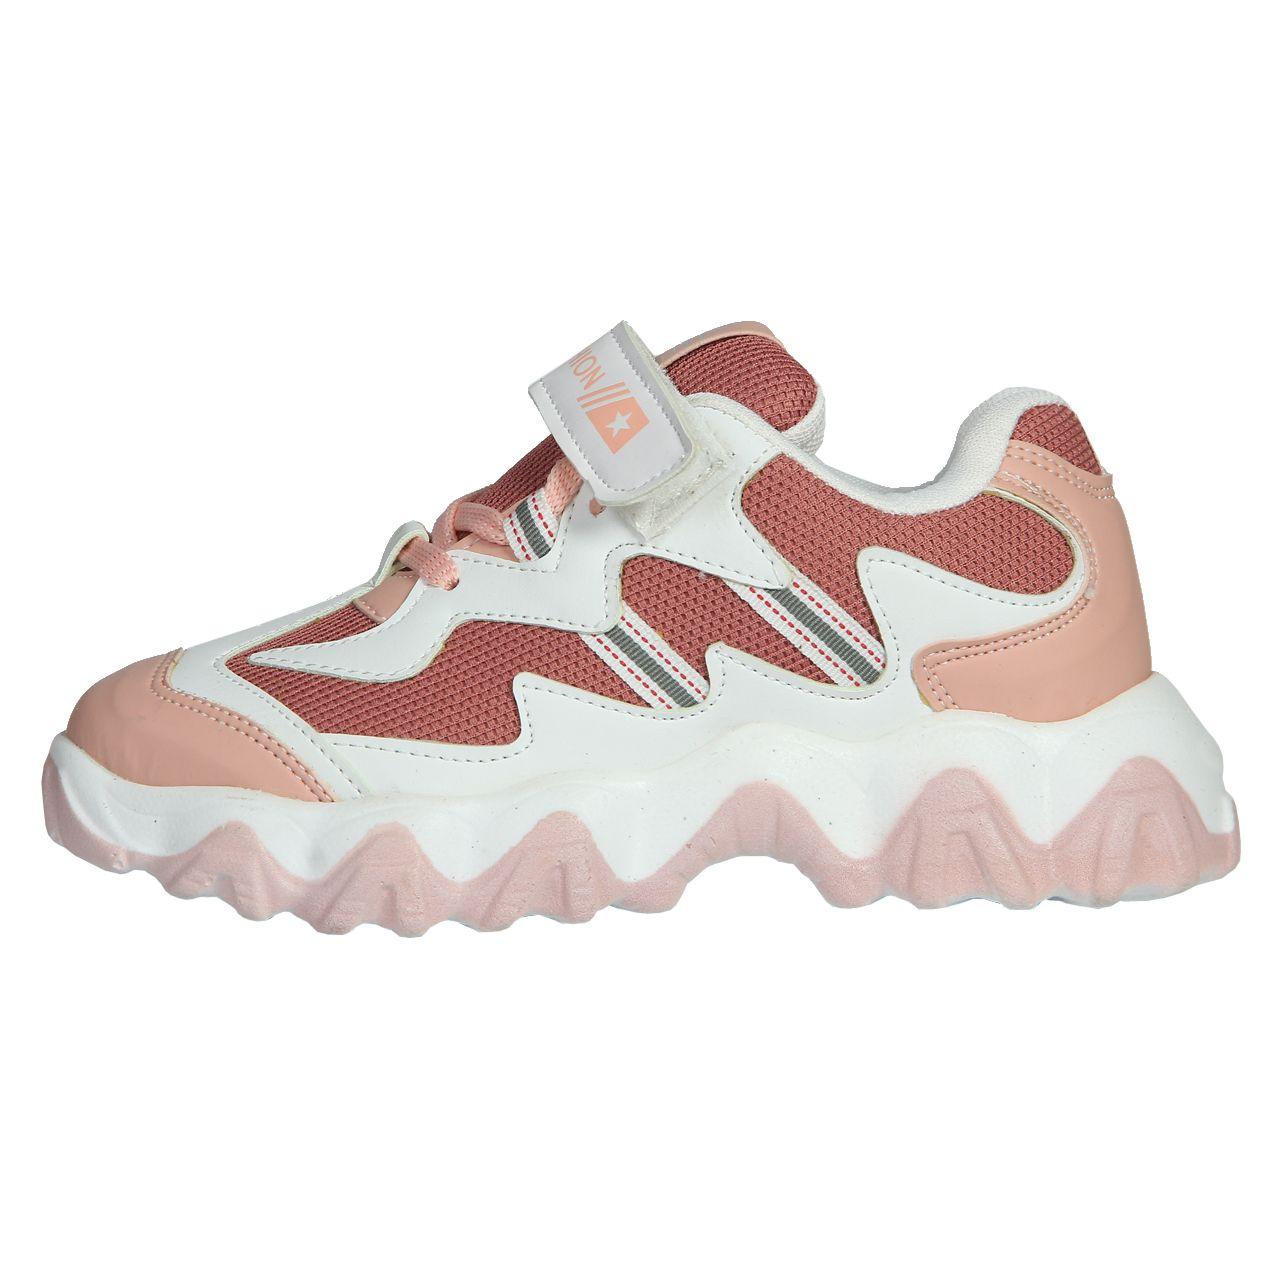 کفش پیاده روی بچگانه کد 240 -  - 3